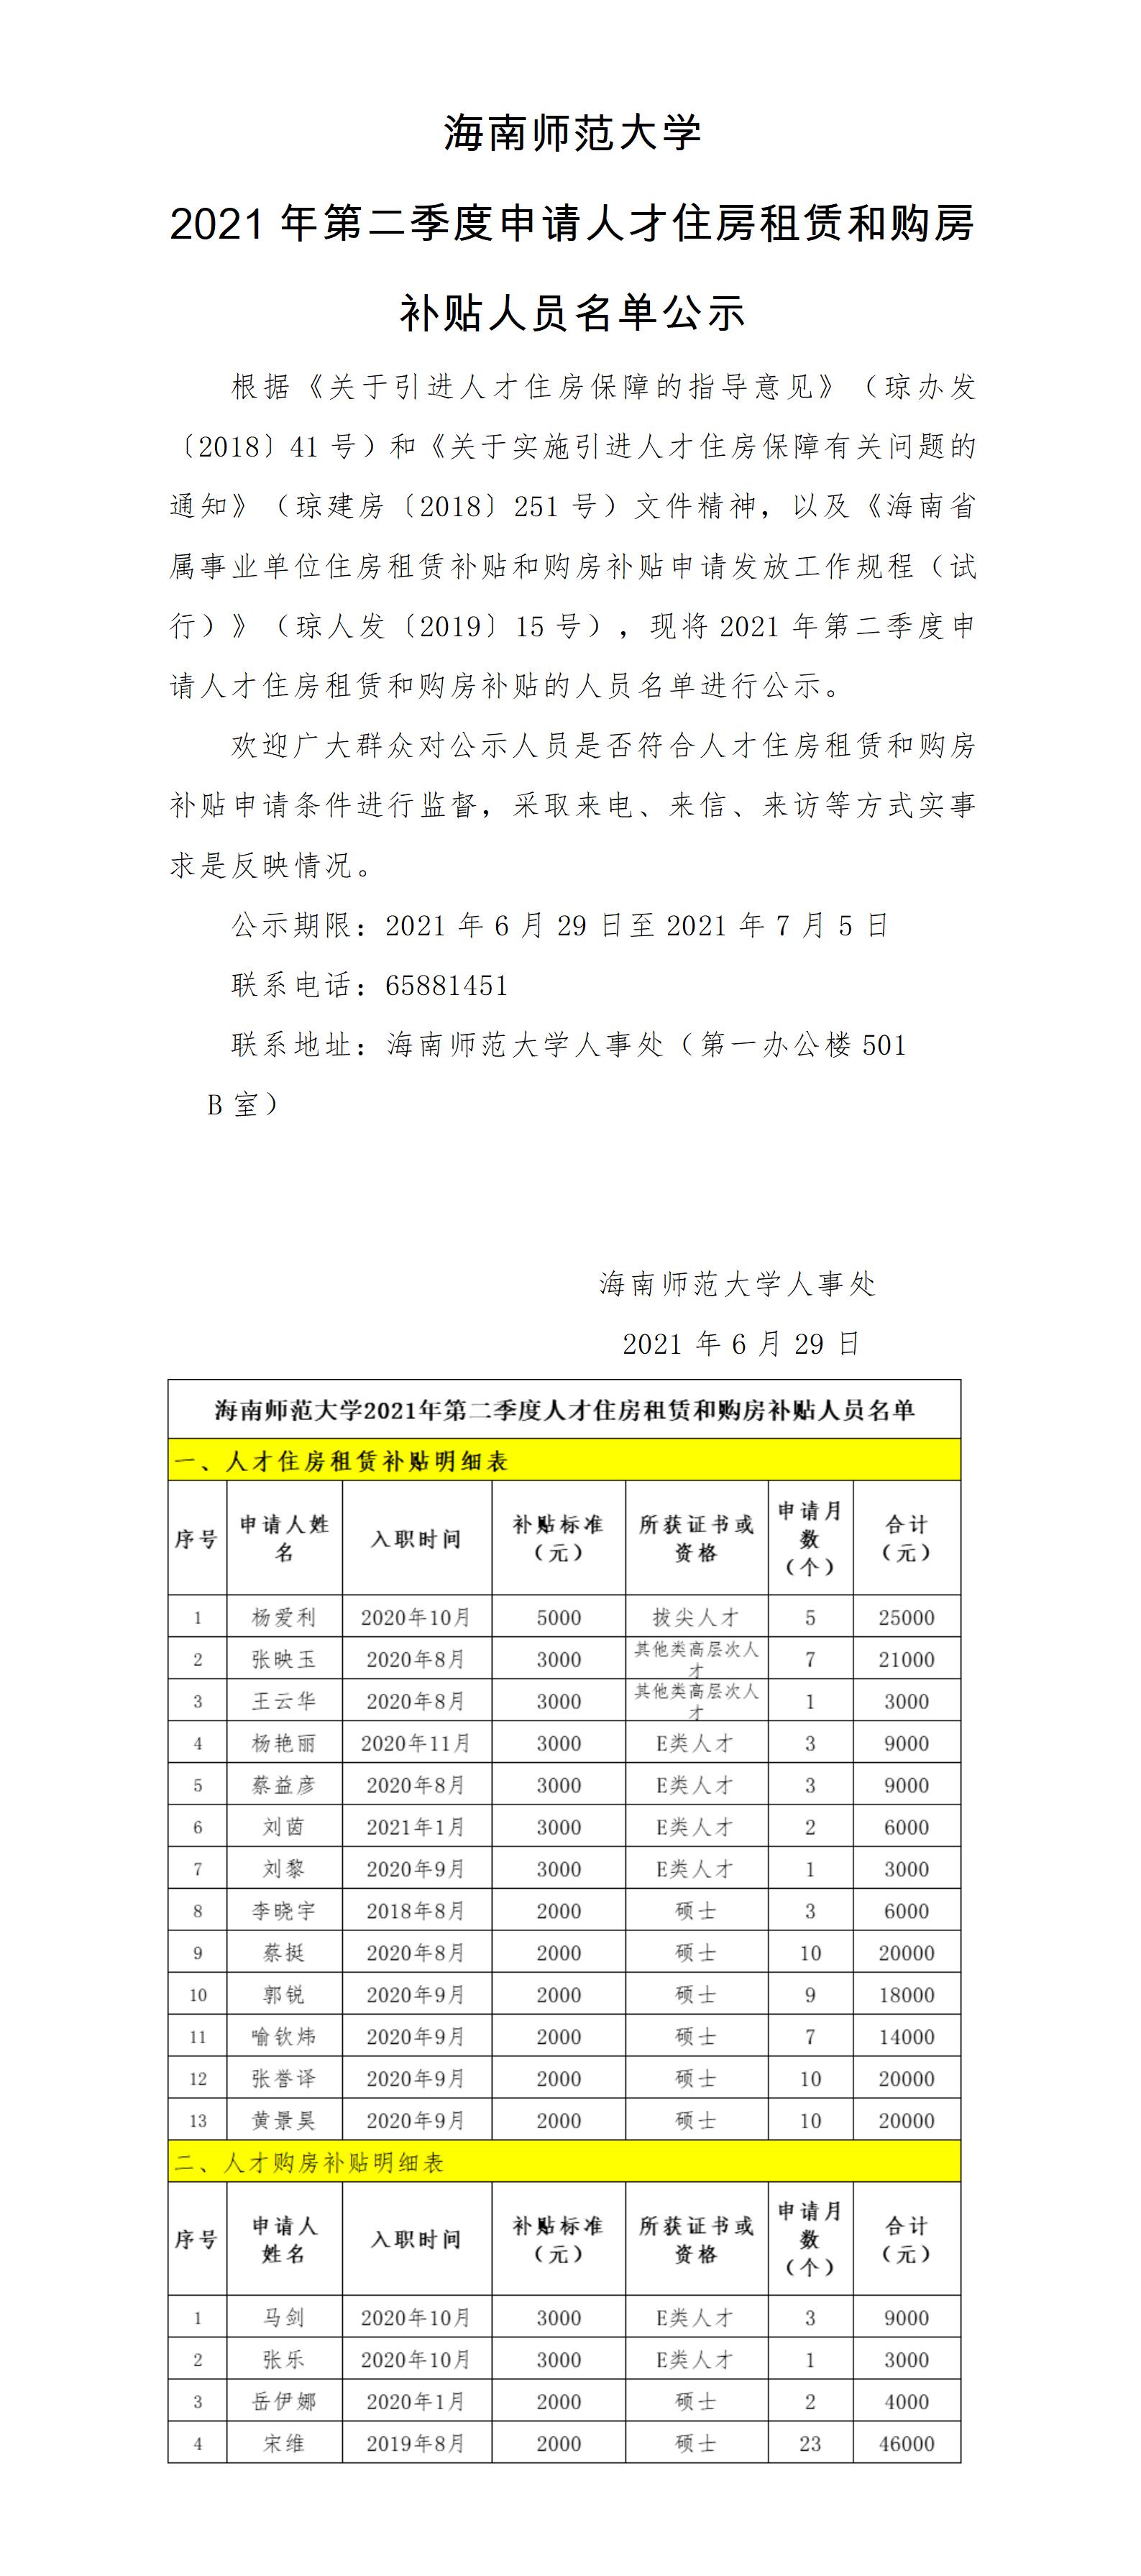 海南师范大学2021年第二季度申请人才住房租赁和购房补贴人员名单公示